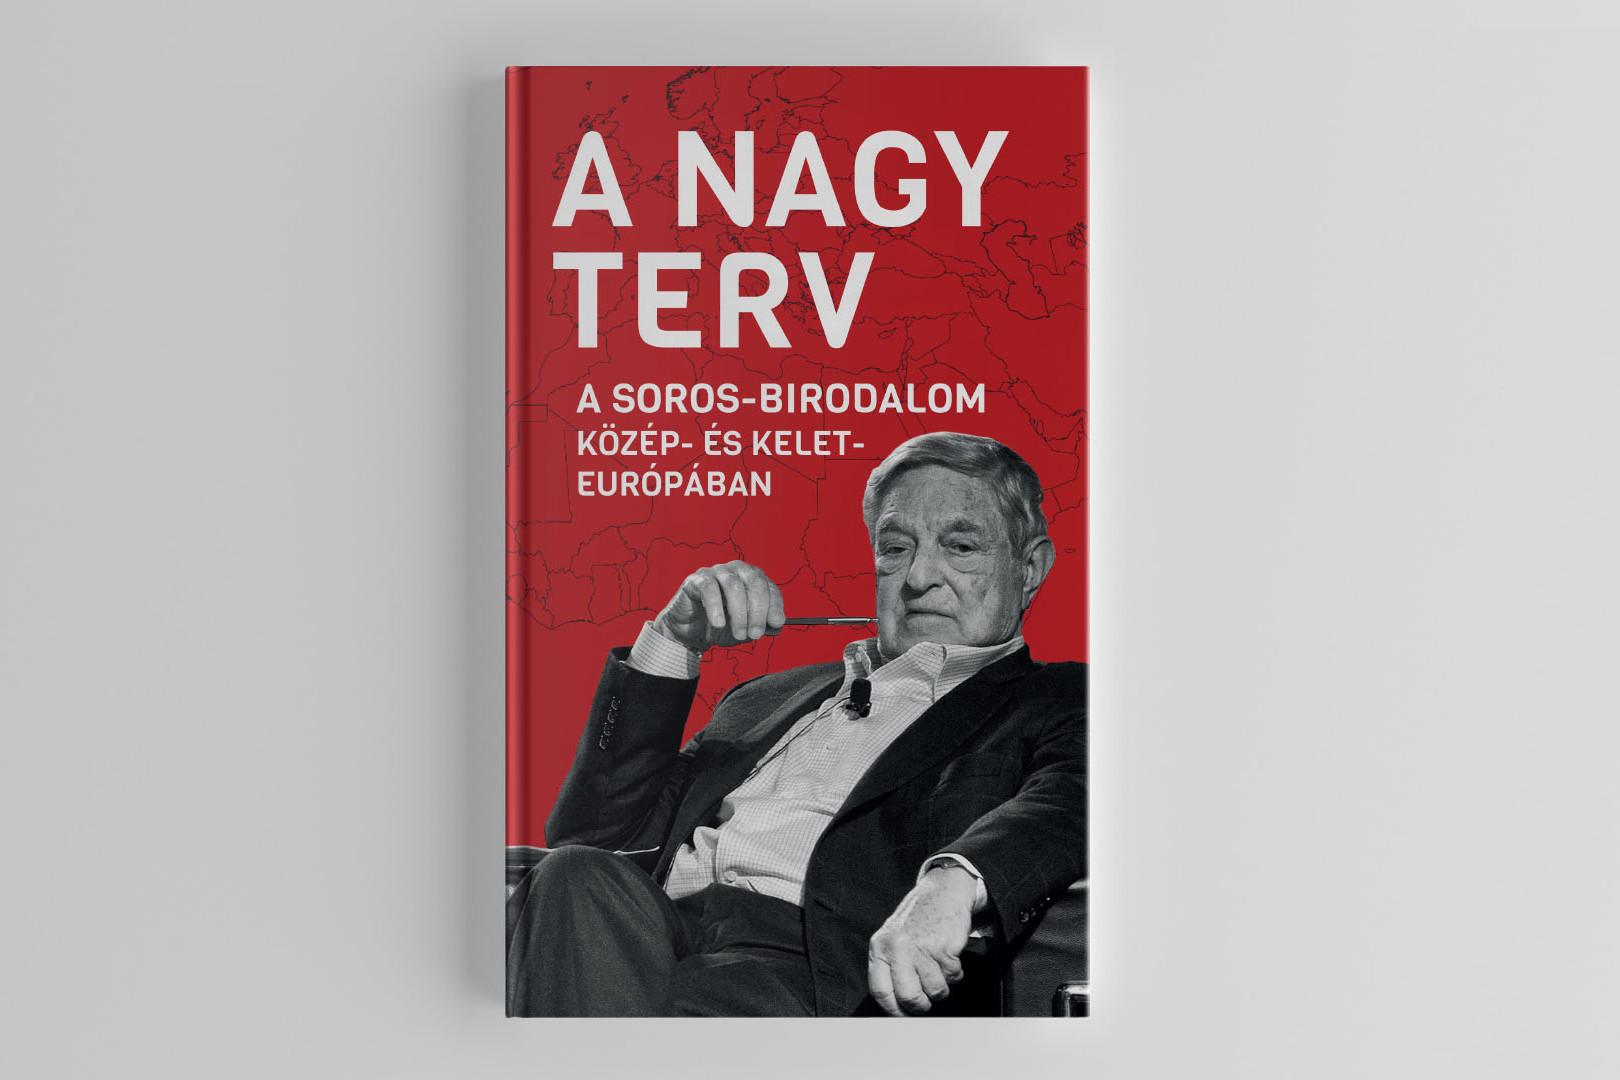 A Nagy Terv - A Soros-birodalom Közép- és Kelet-Európábancímű könyv kapható a Terror Háza Múzeum webshopjában és a könyvesboltokban